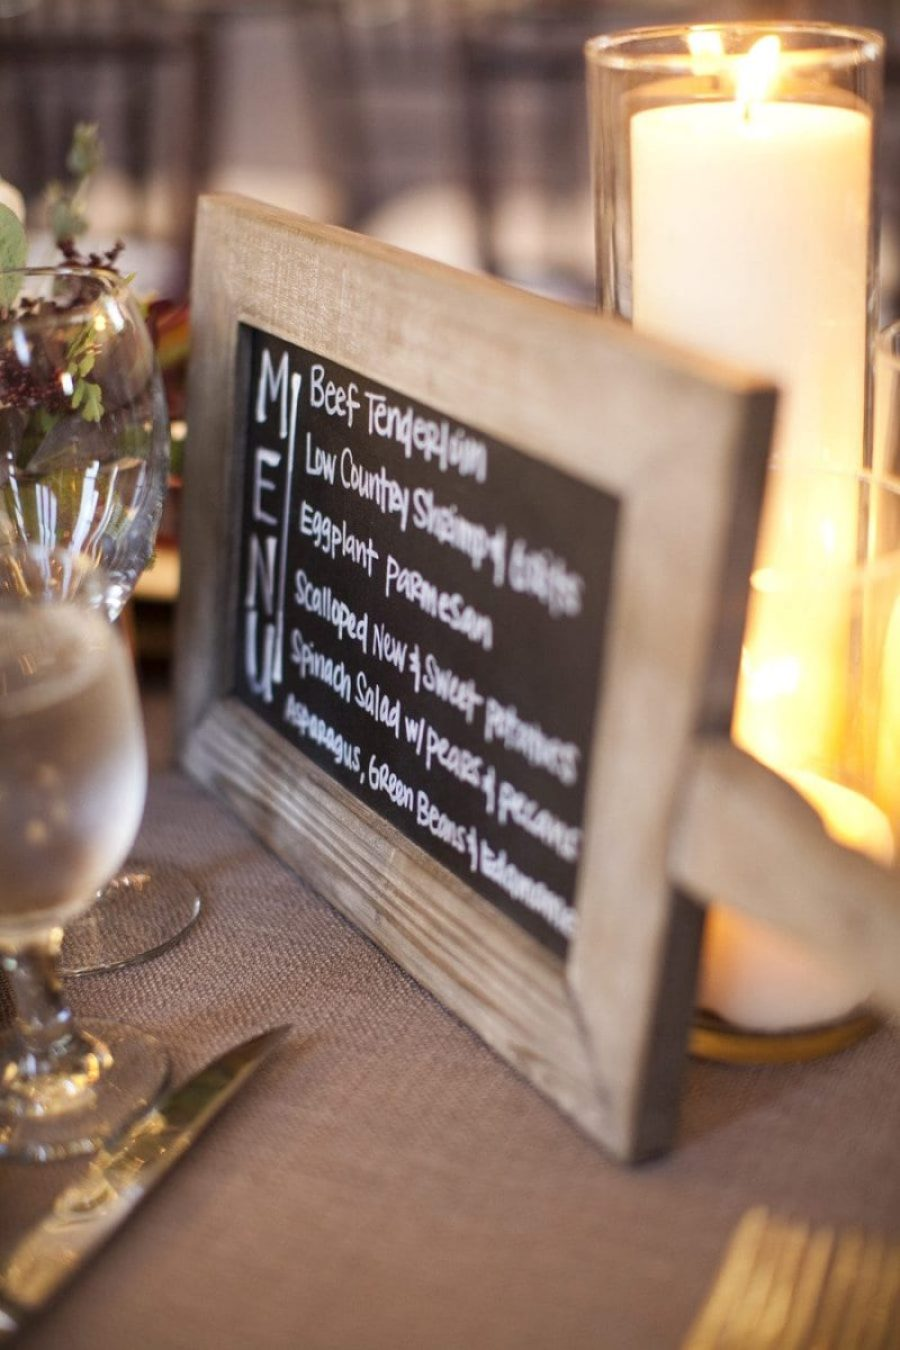 Cardápio de casamento em porta-retrato de madeira. Foto: Millie Holloman Photography.